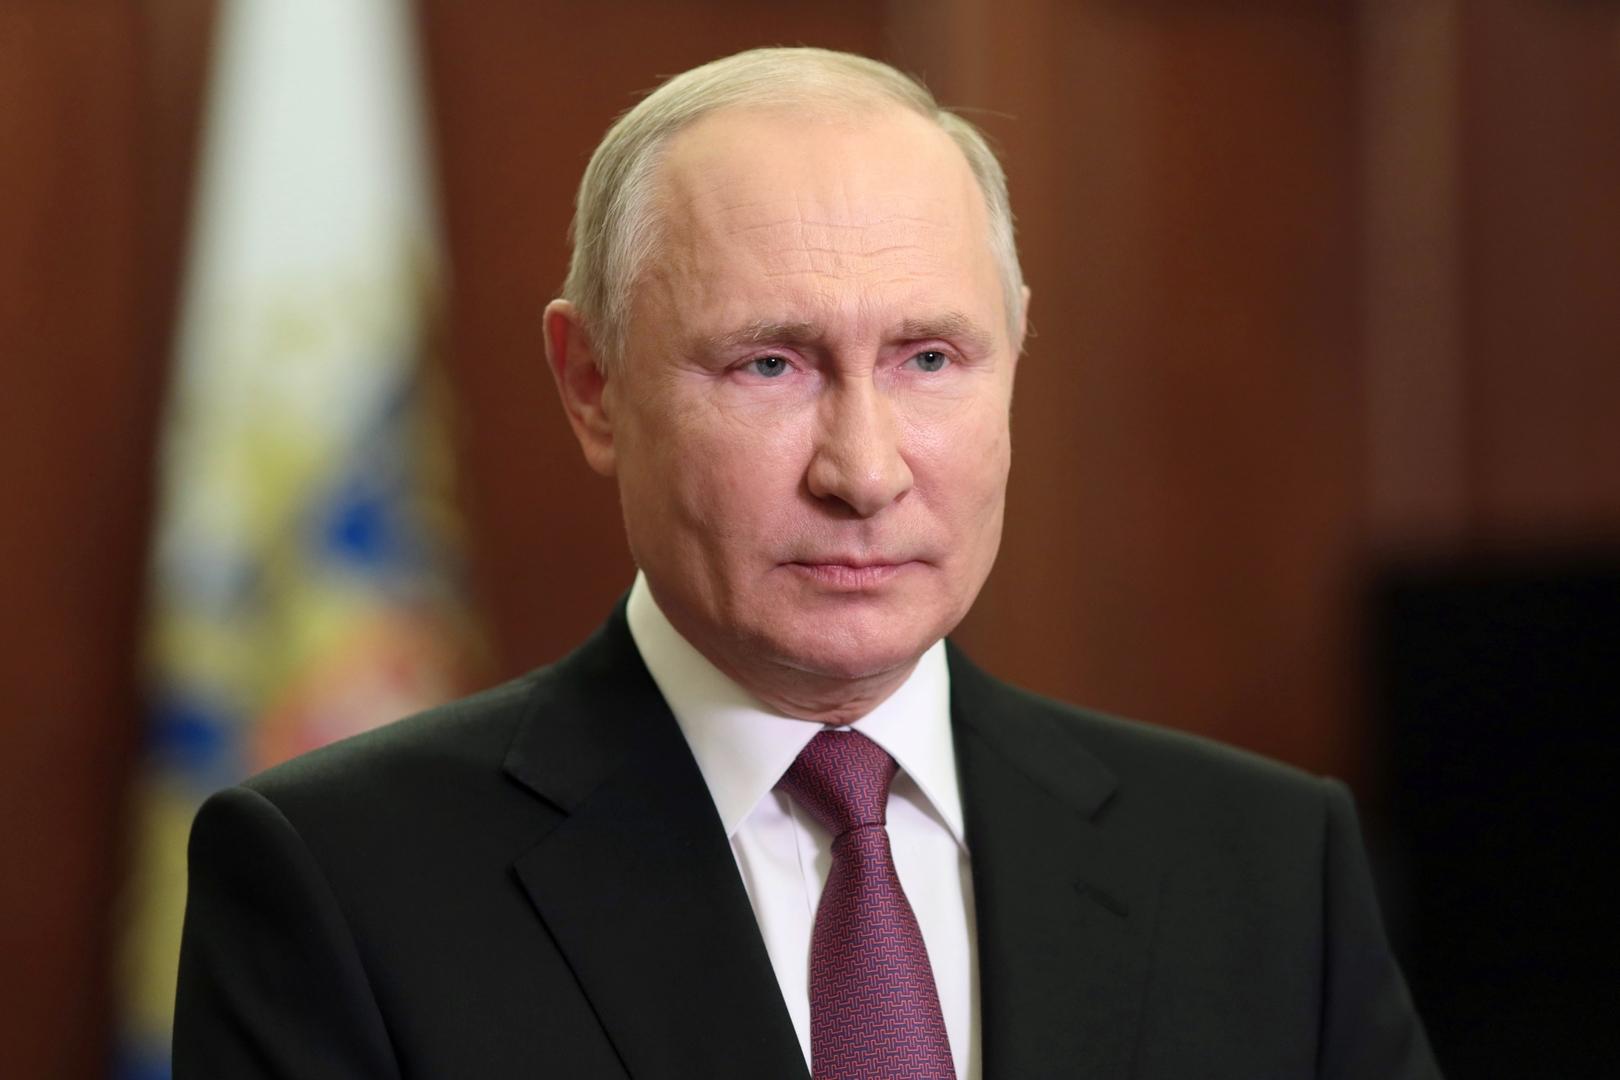 رجال الدولة في روسيا يعزون في مصرع وزير الطوارئ يفغيني زينيتشيف